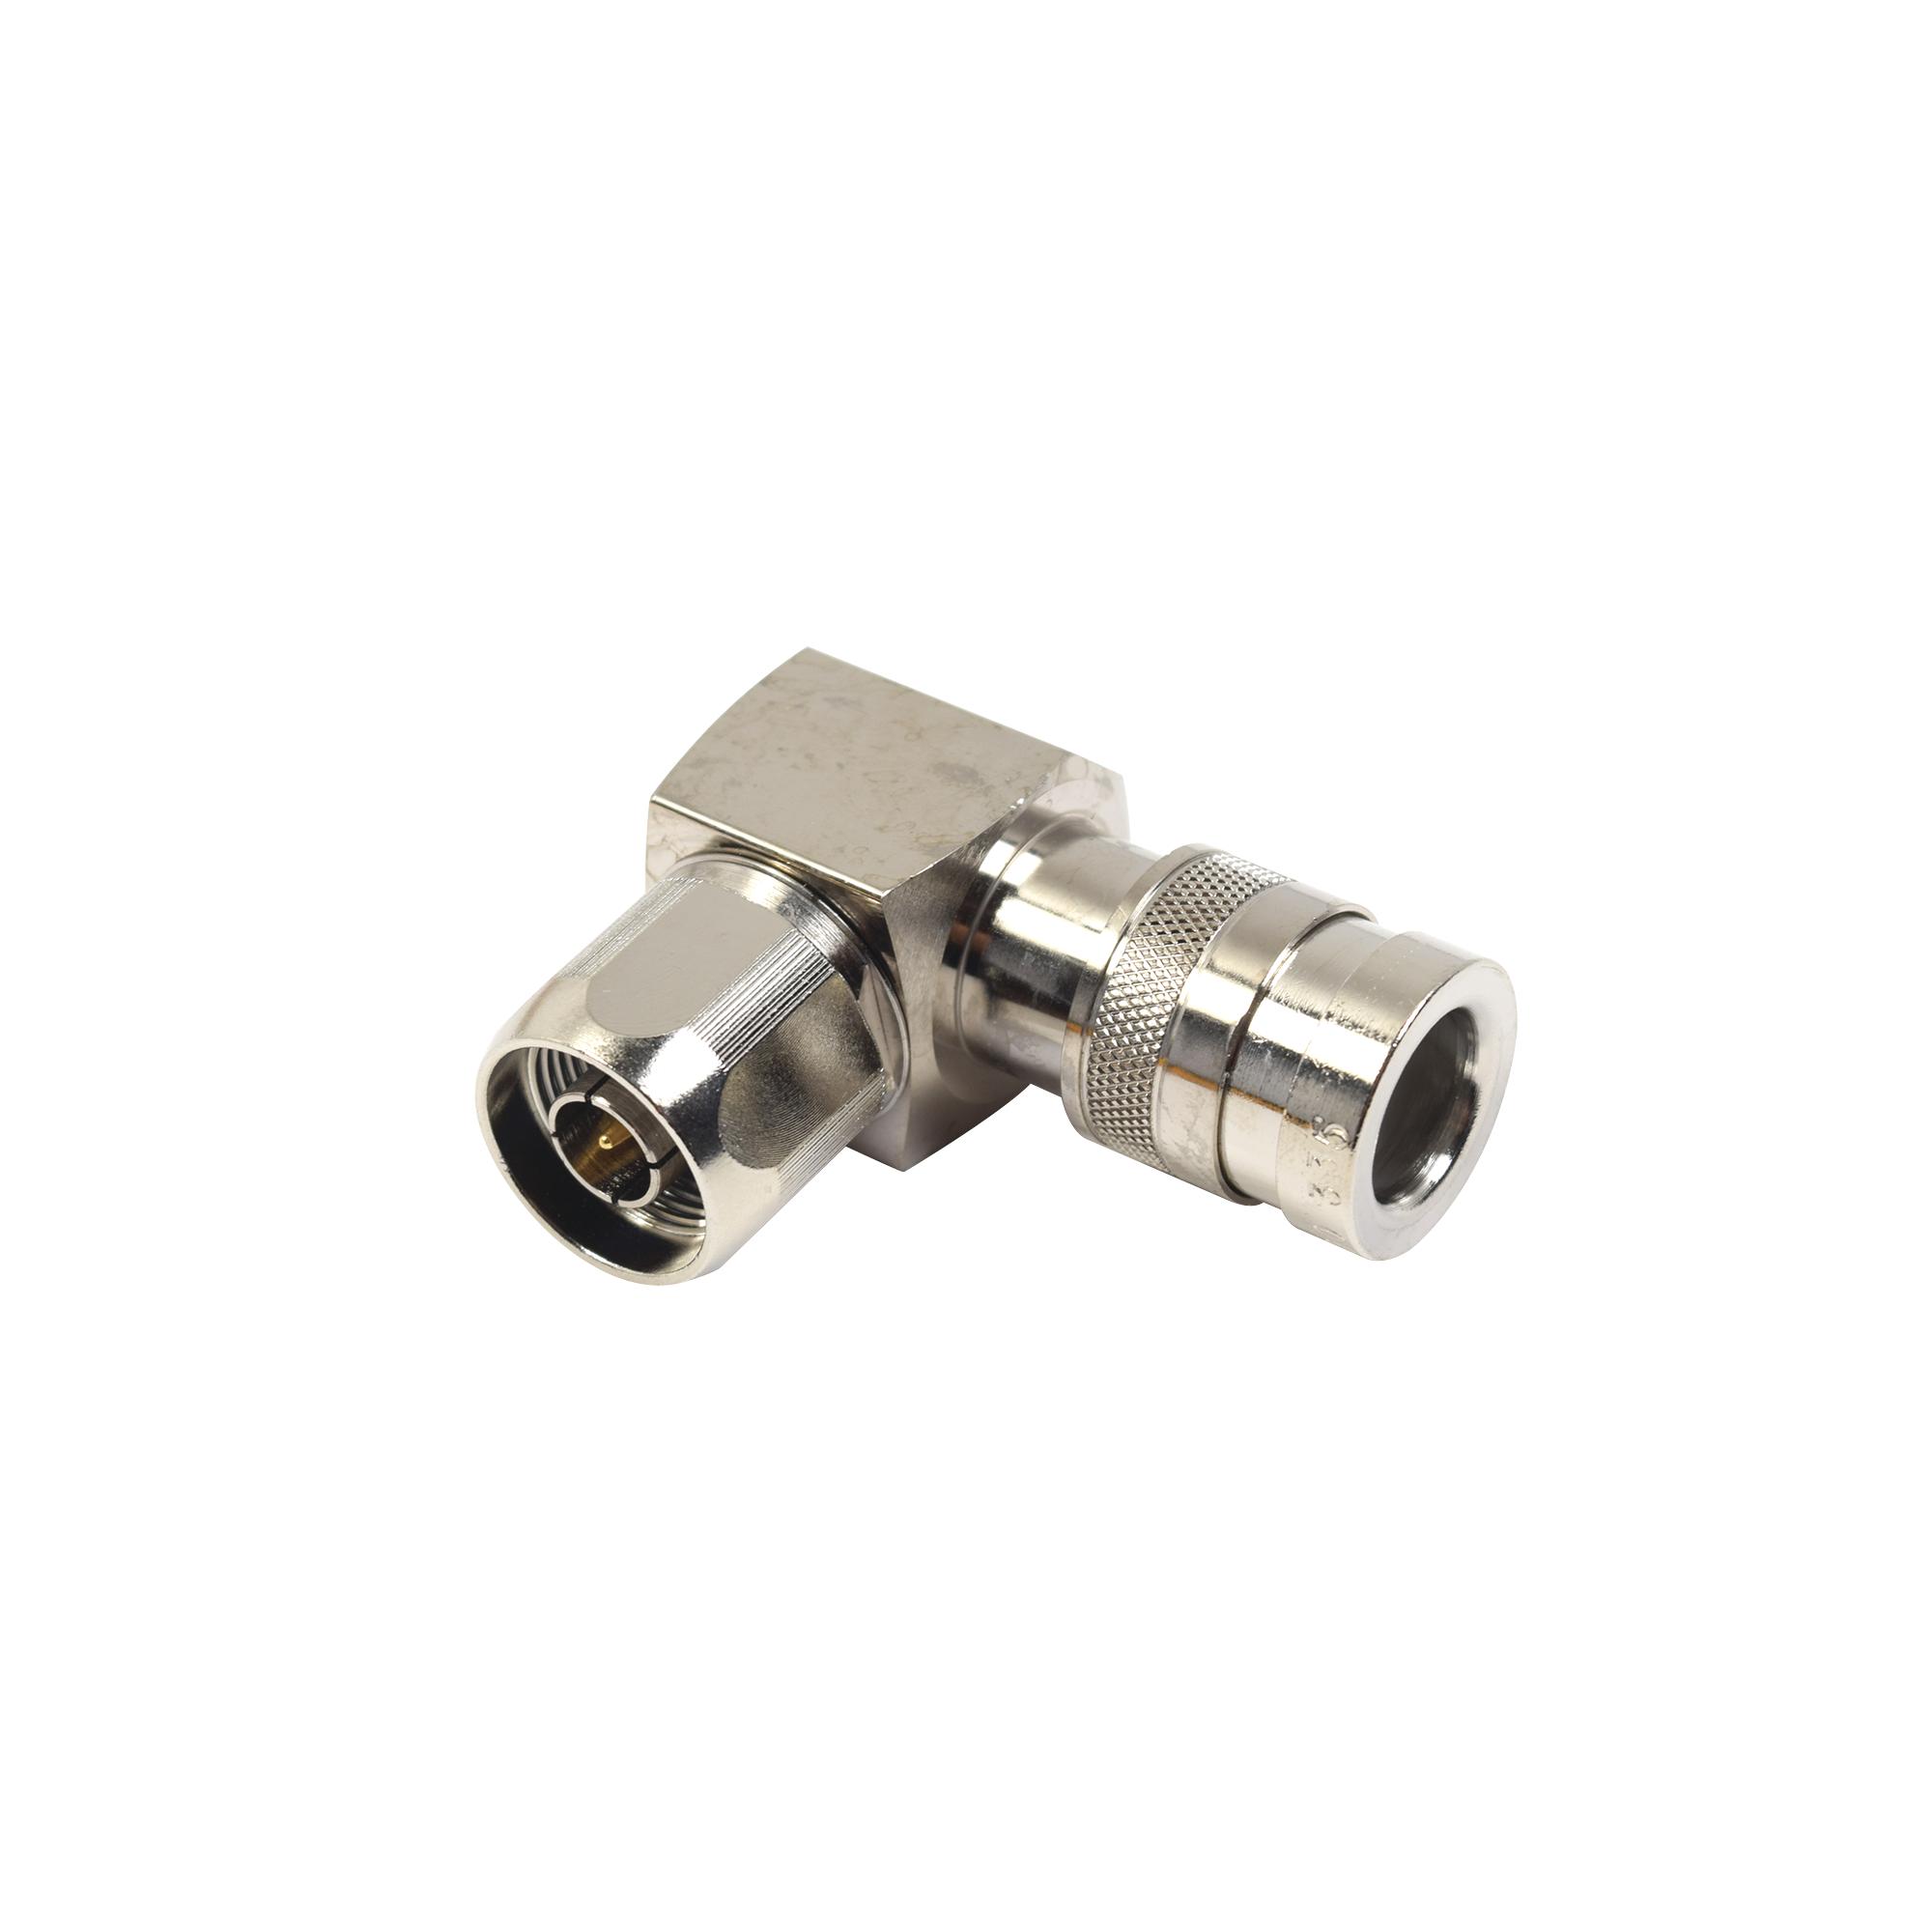 Conector N Macho de Compresion, Angulo Recto para LMR-400, CNT-400, Bronce-Blanco /Oro /Teflón.